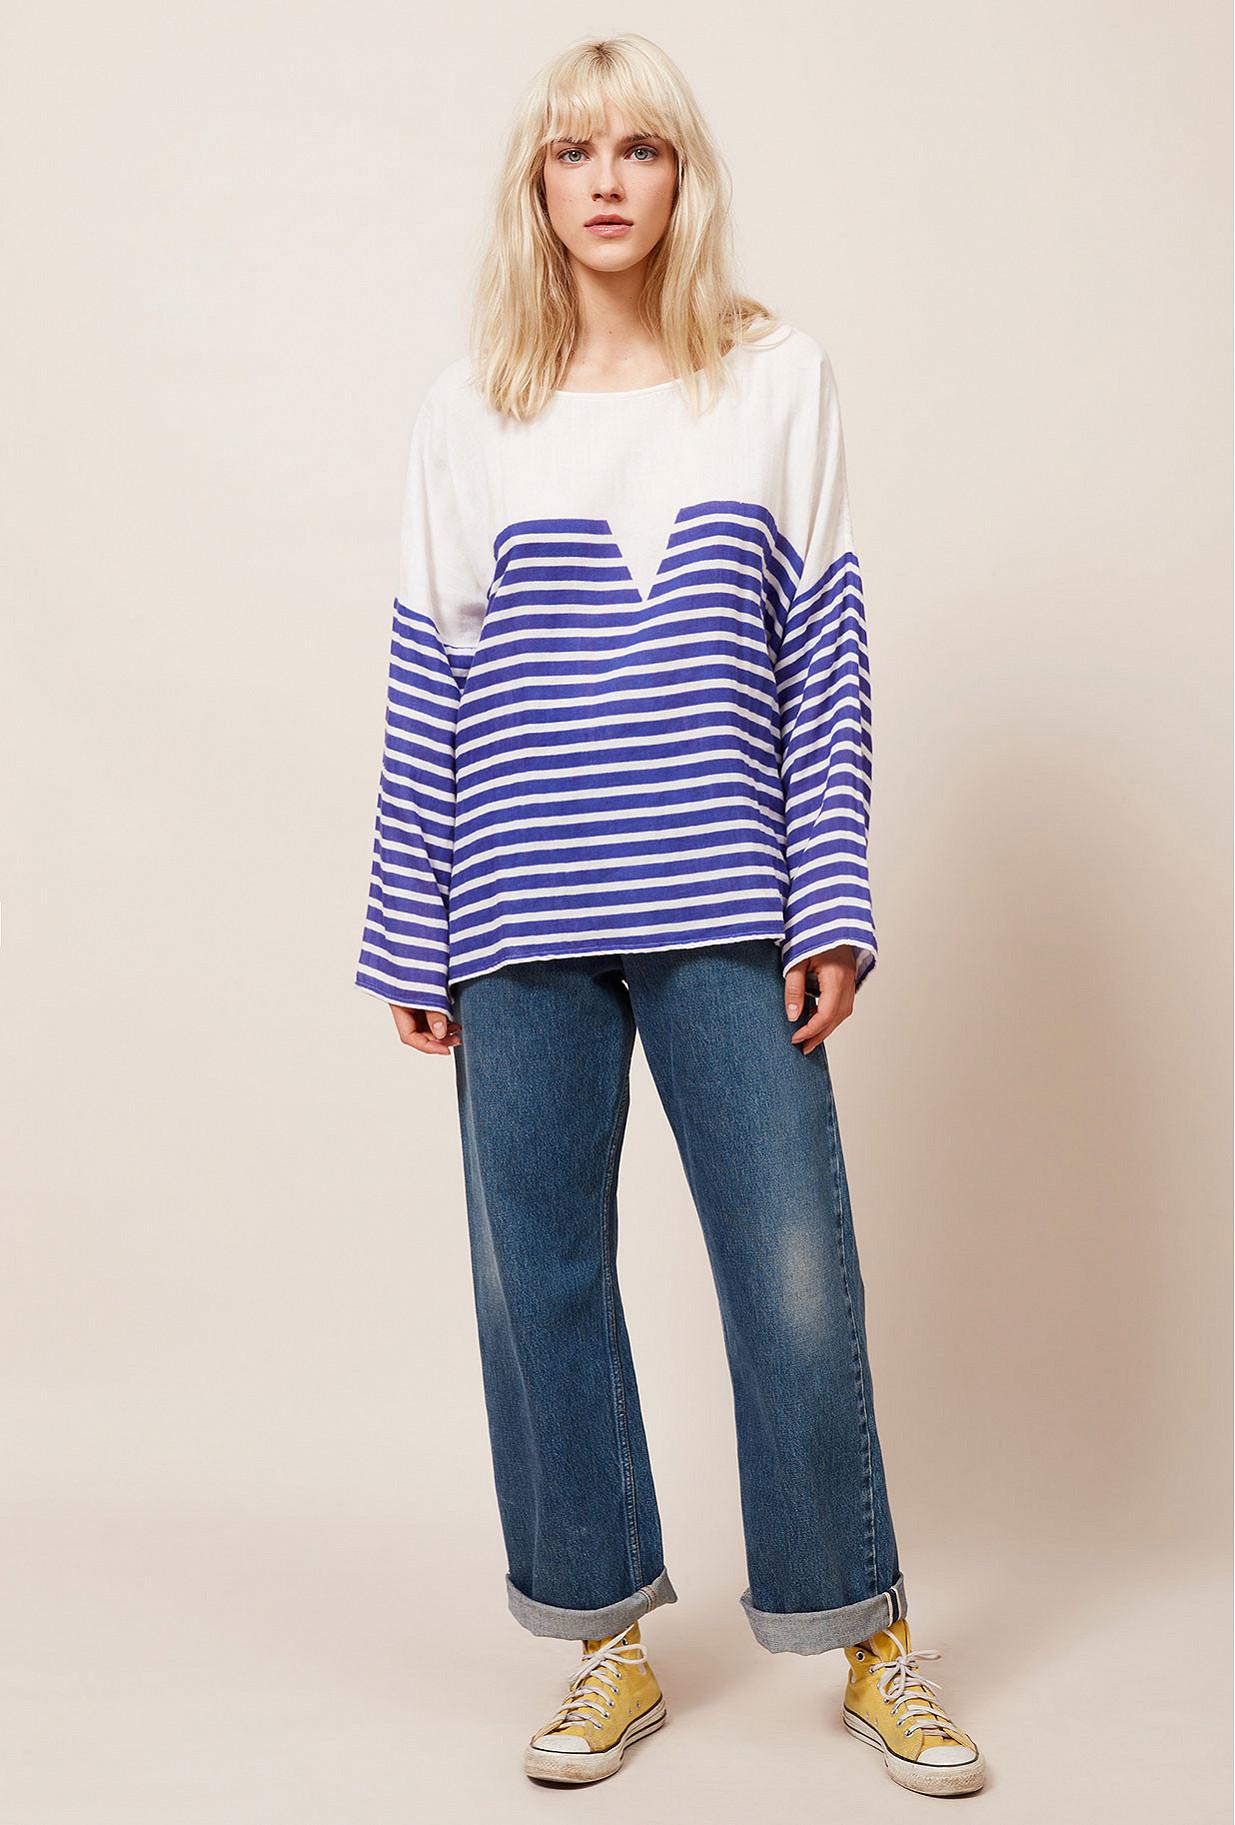 Paris boutique de mode vêtement Top créateur bohème  Belleville